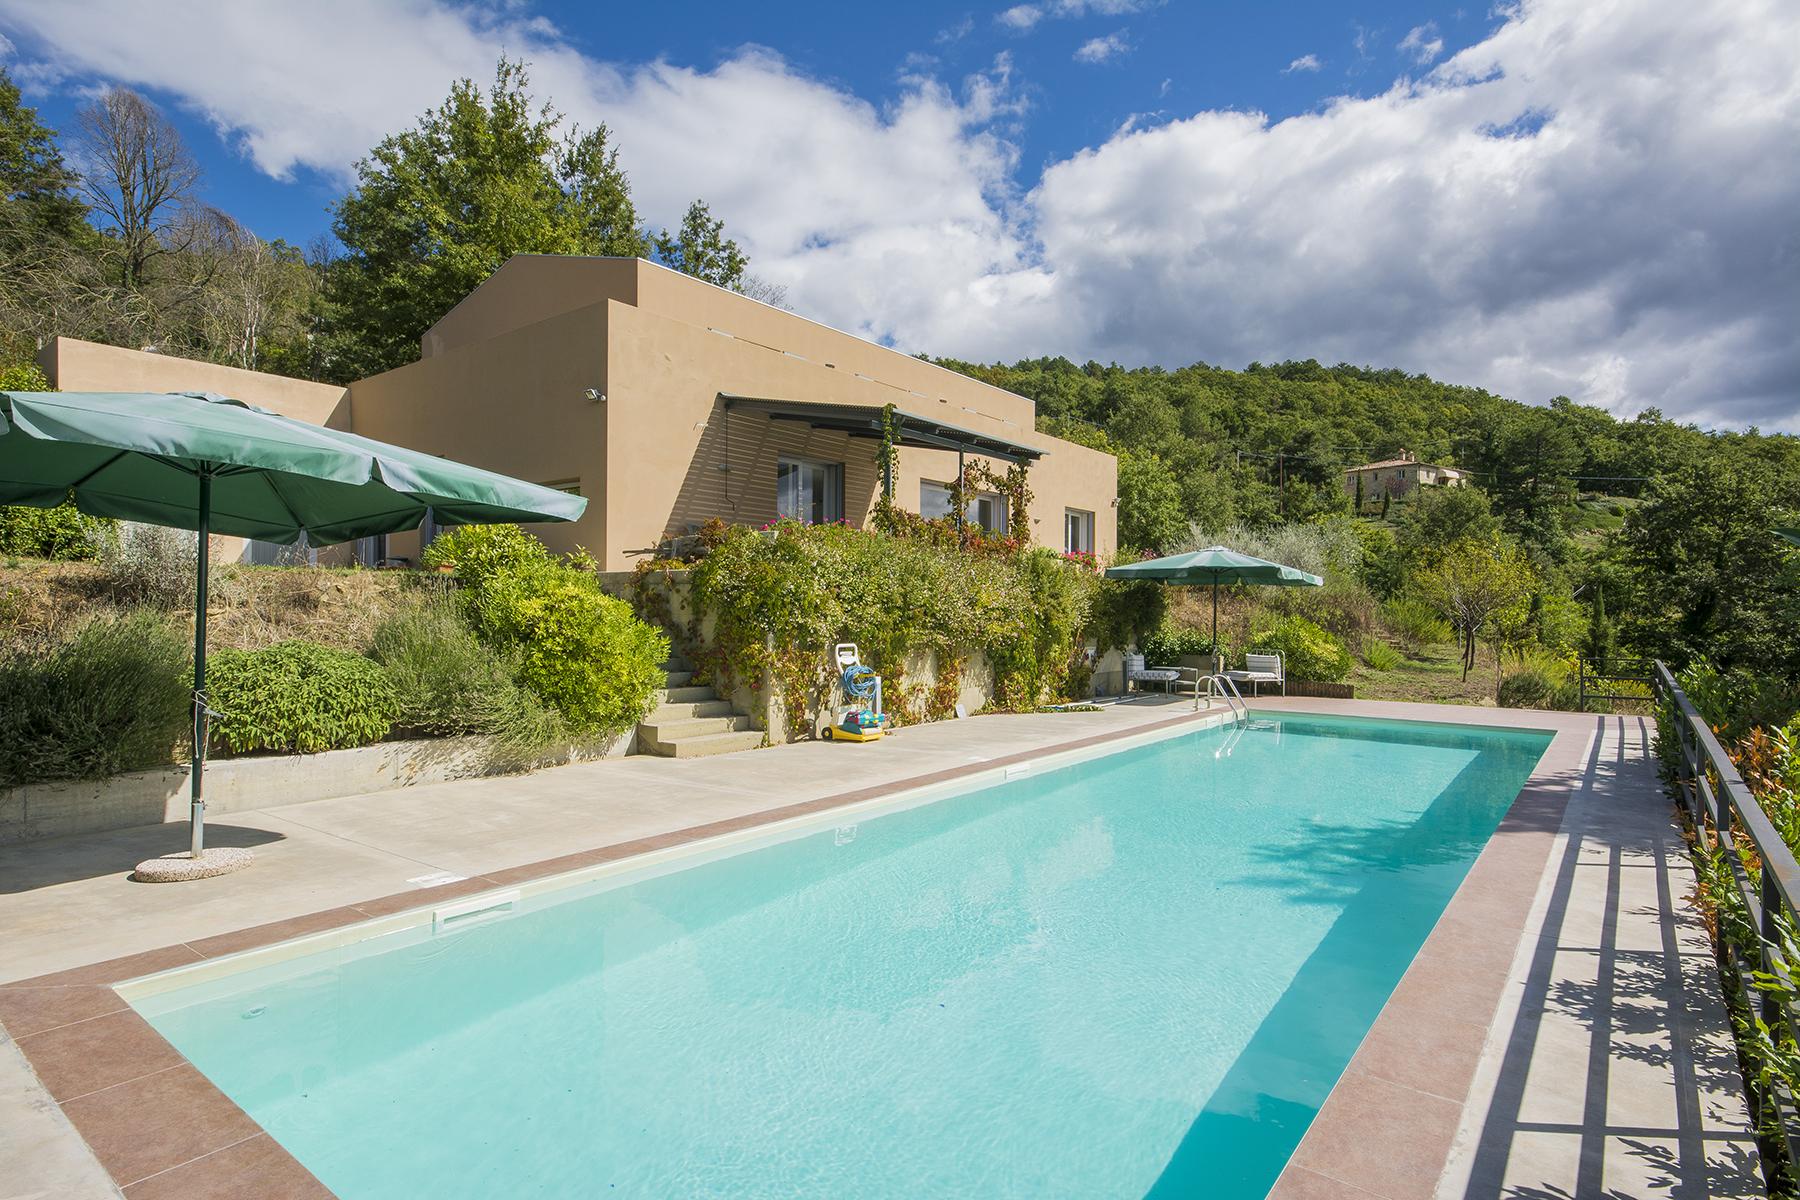 Casa indipendente in Vendita a Lisciano Niccone: 5 locali, 414 mq